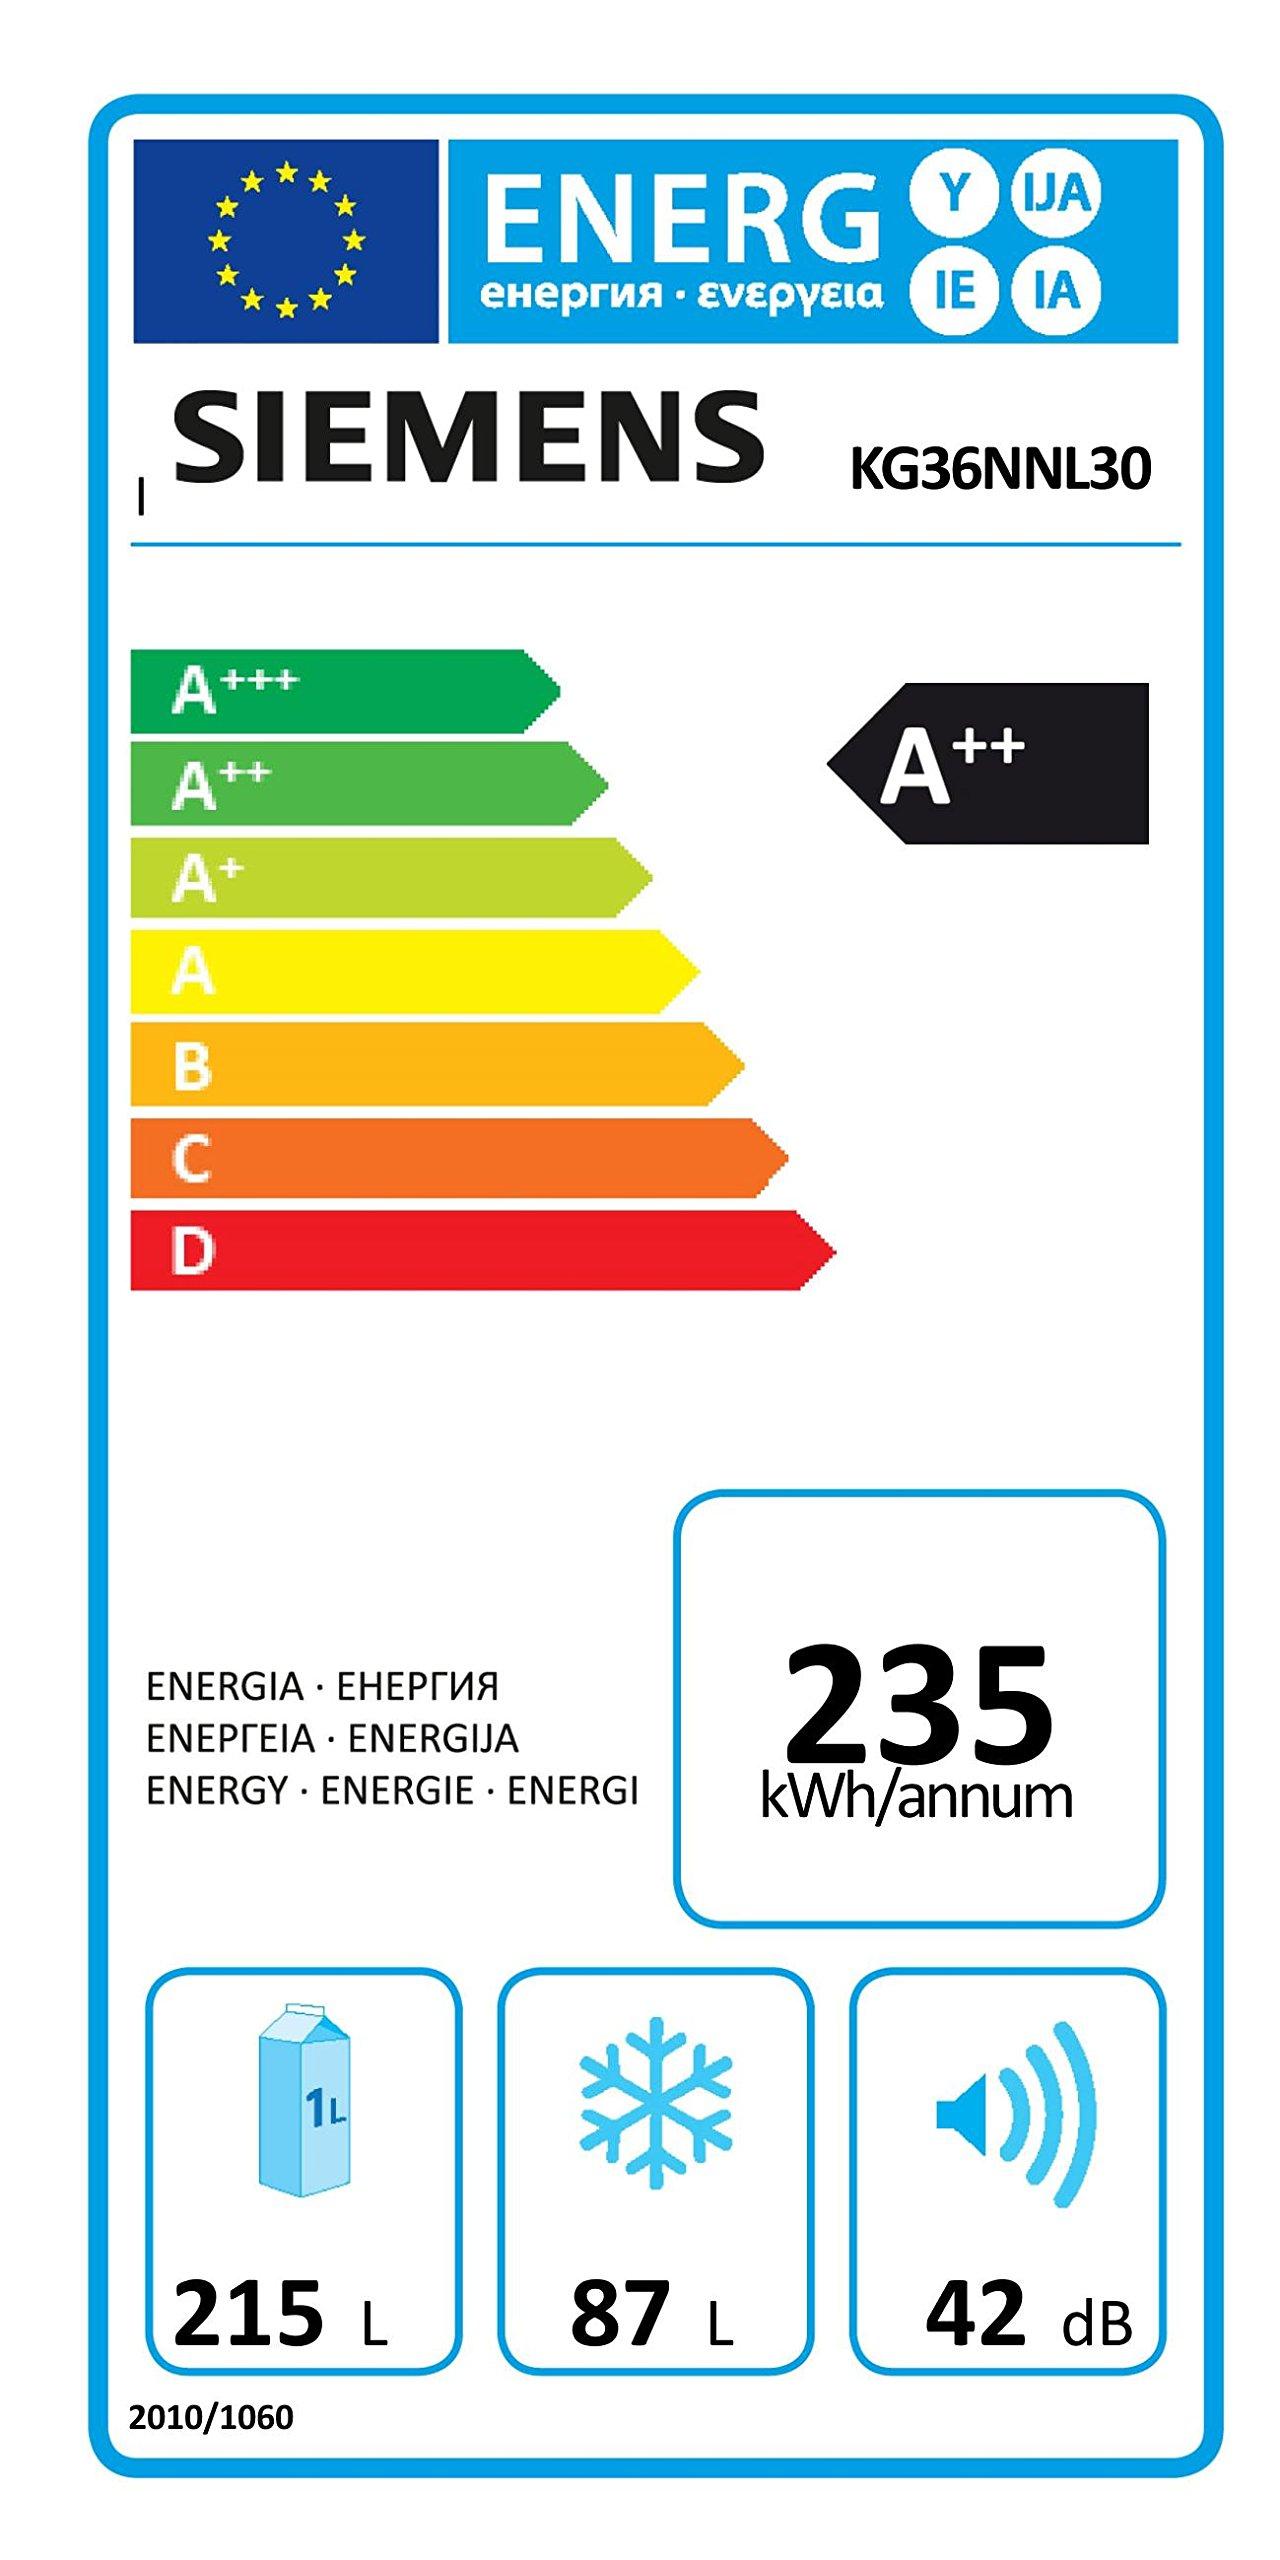 Siemens iQ100 KG36NNL30 Kühl-Gefrier-Kombination / A++ / Kühlteil: 215 L / Gefrierteil: 87 L / MultiAirflow-System…